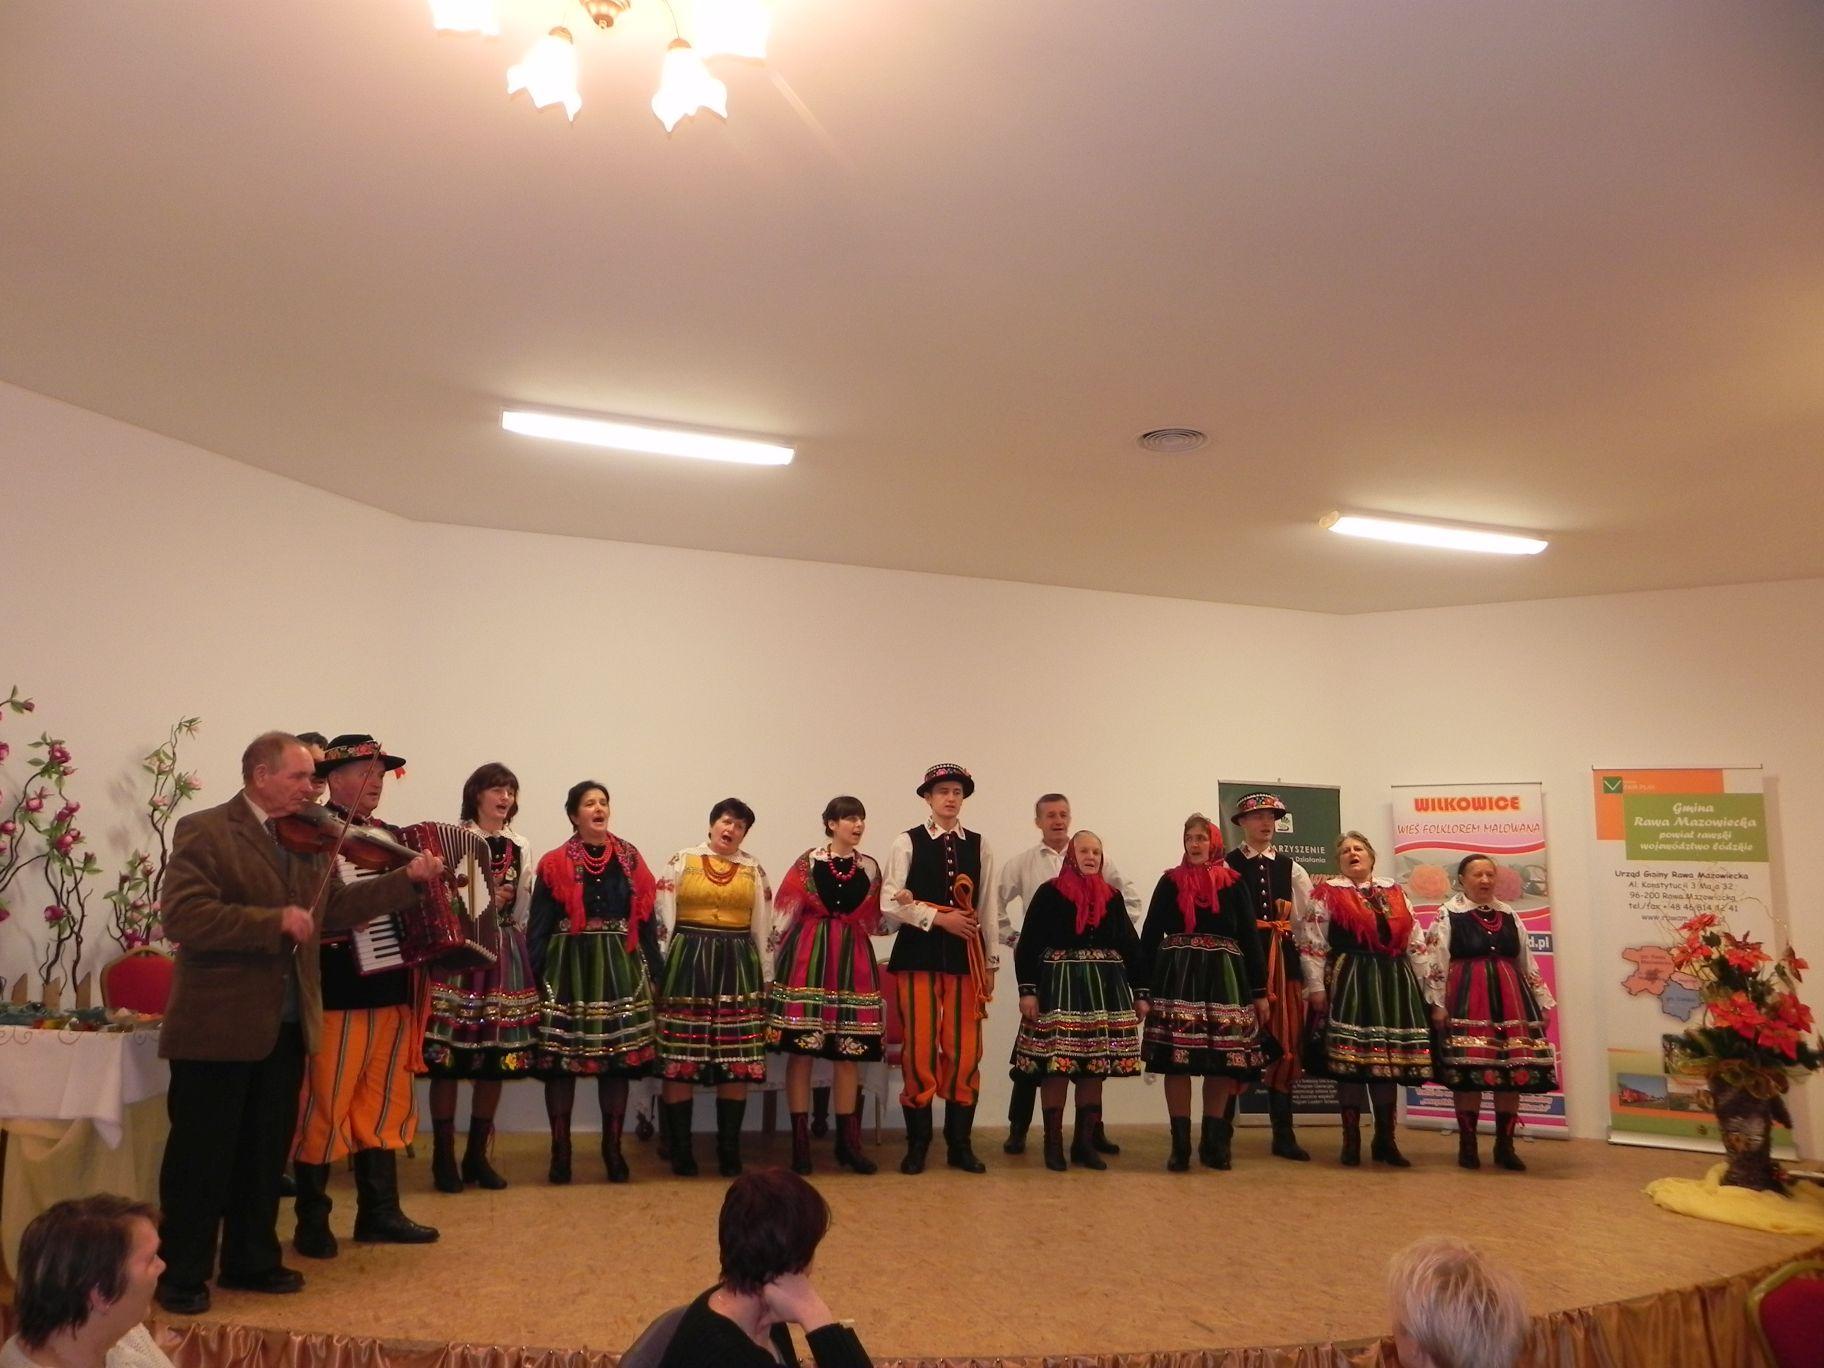 2012-12-14 Wilkowice - Konferencja Wioski tematyczne (149)